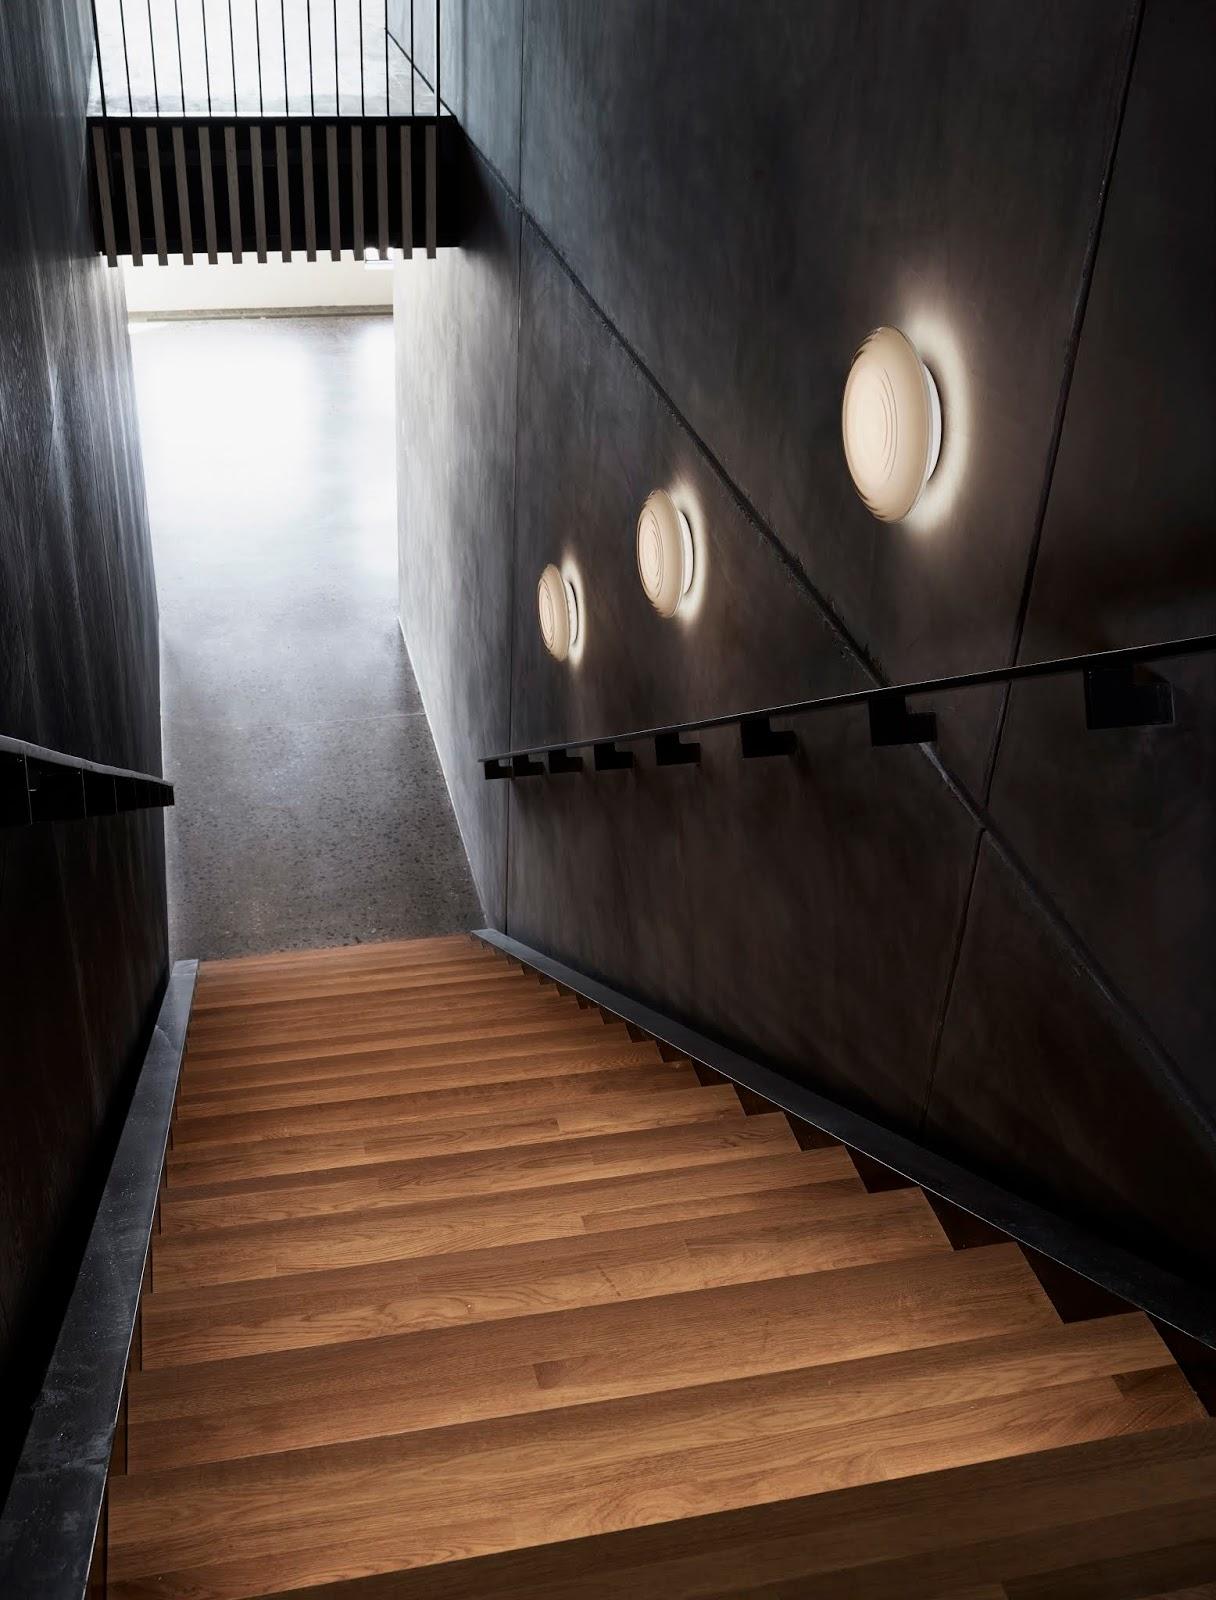 Jakie oświetlenie przy schodach kupić?